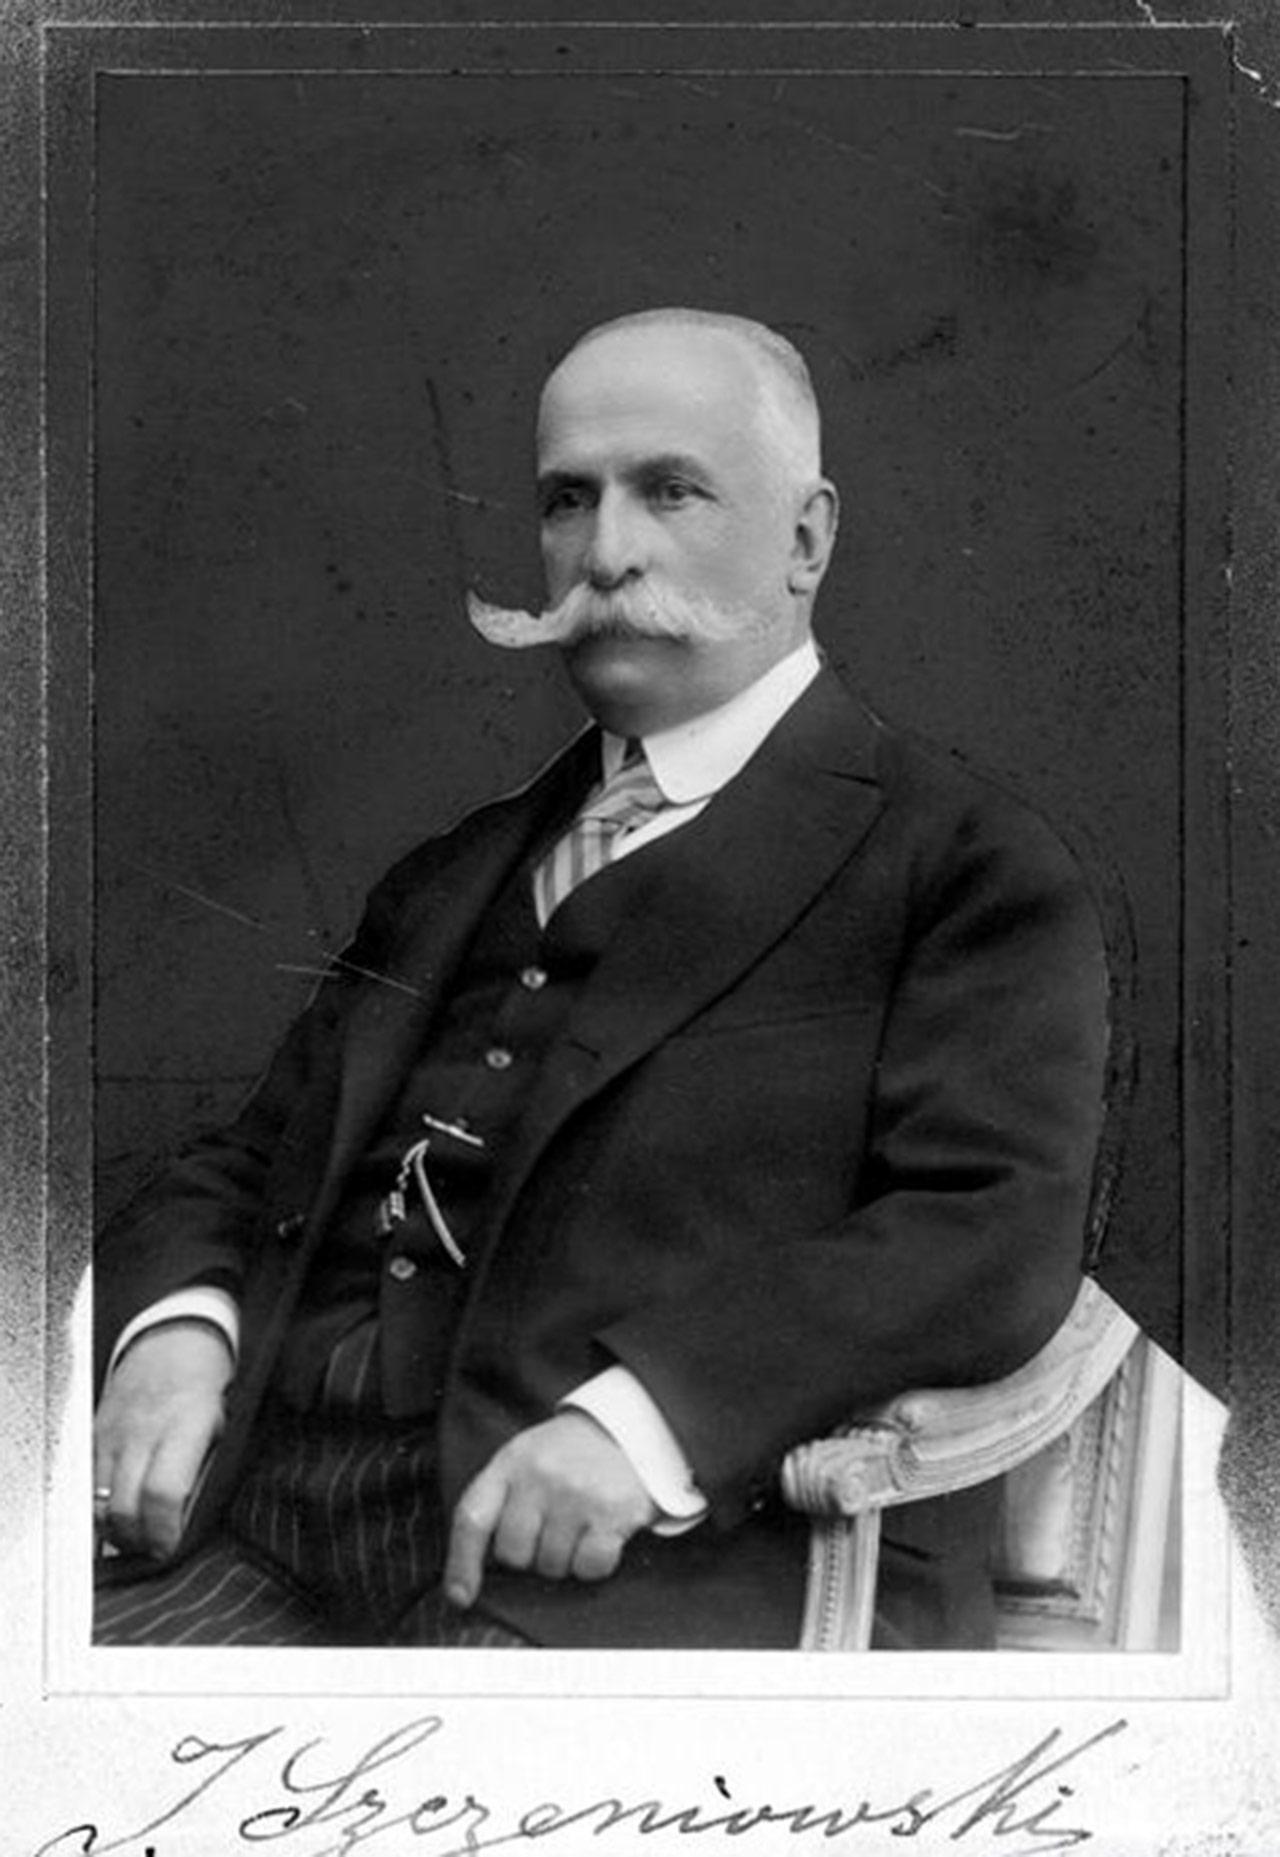 Ignacy Szczeniowski z Kapuścian - minister przemysłu i handlu w rządzie Paderewskiego